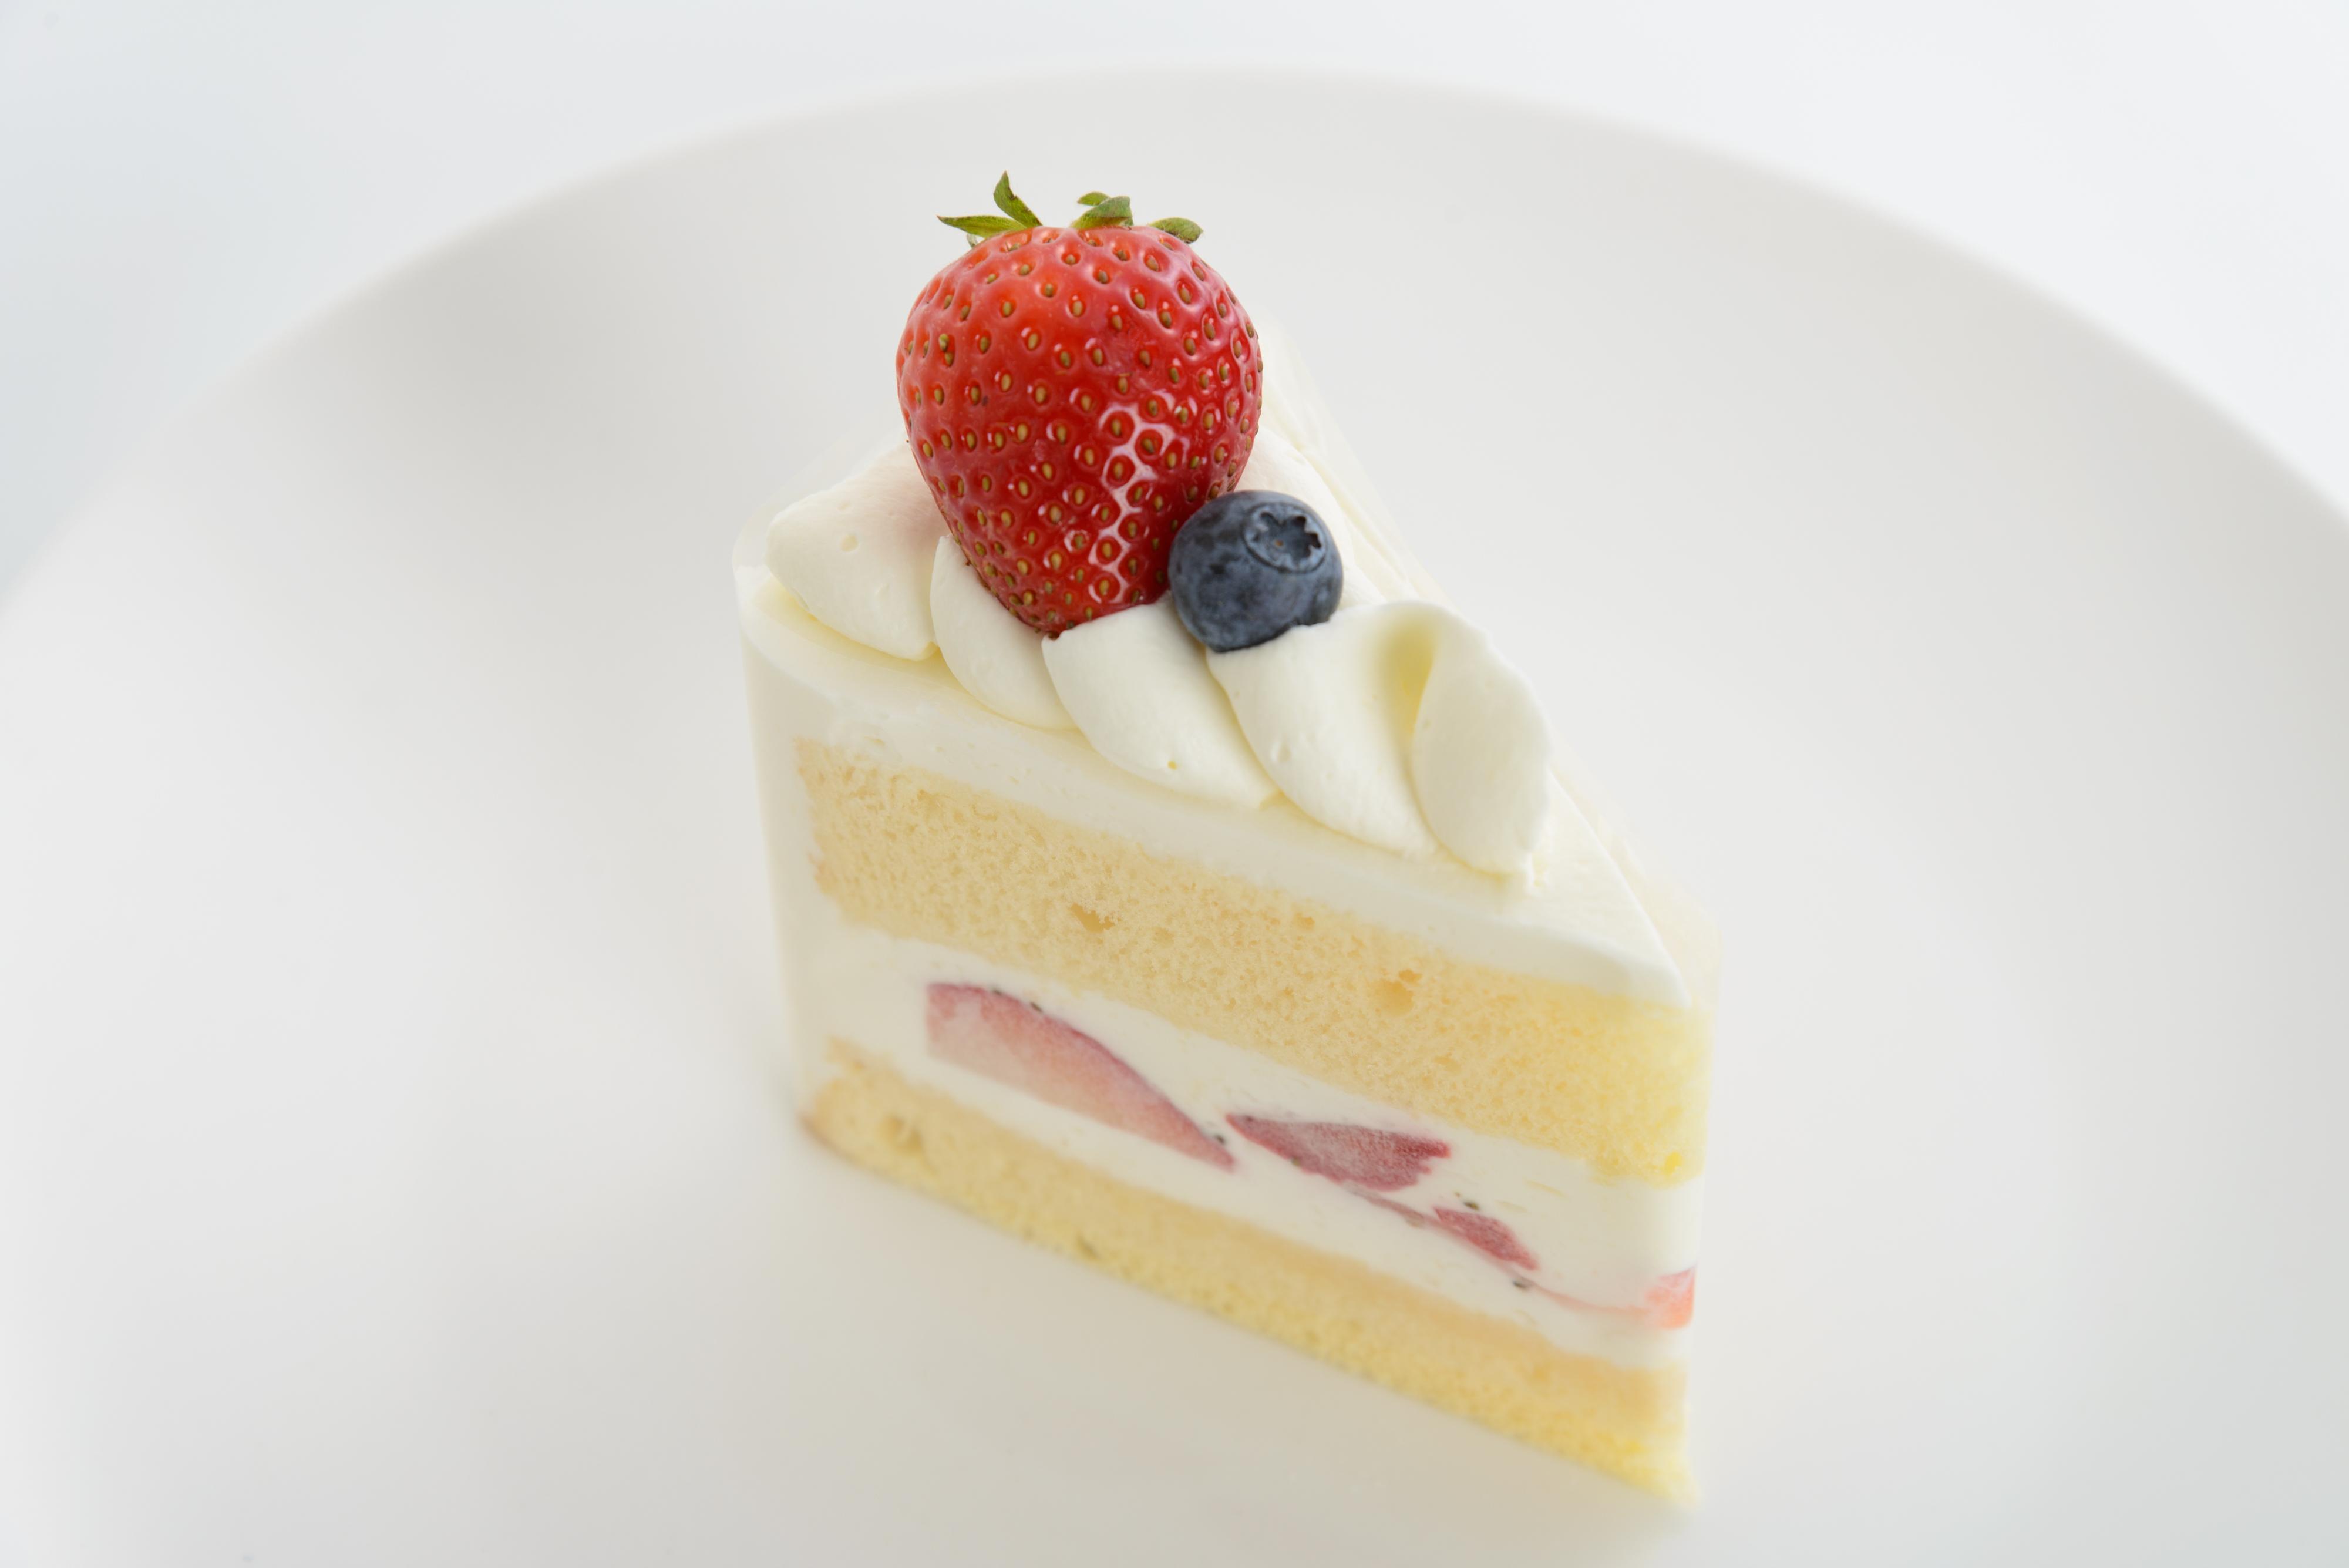 <H1>ショートケーキ</H1> 350円/ふわふわのスポンジにフレッシュ生クリームと新鮮な苺をサンド。 定番のおいしさです。